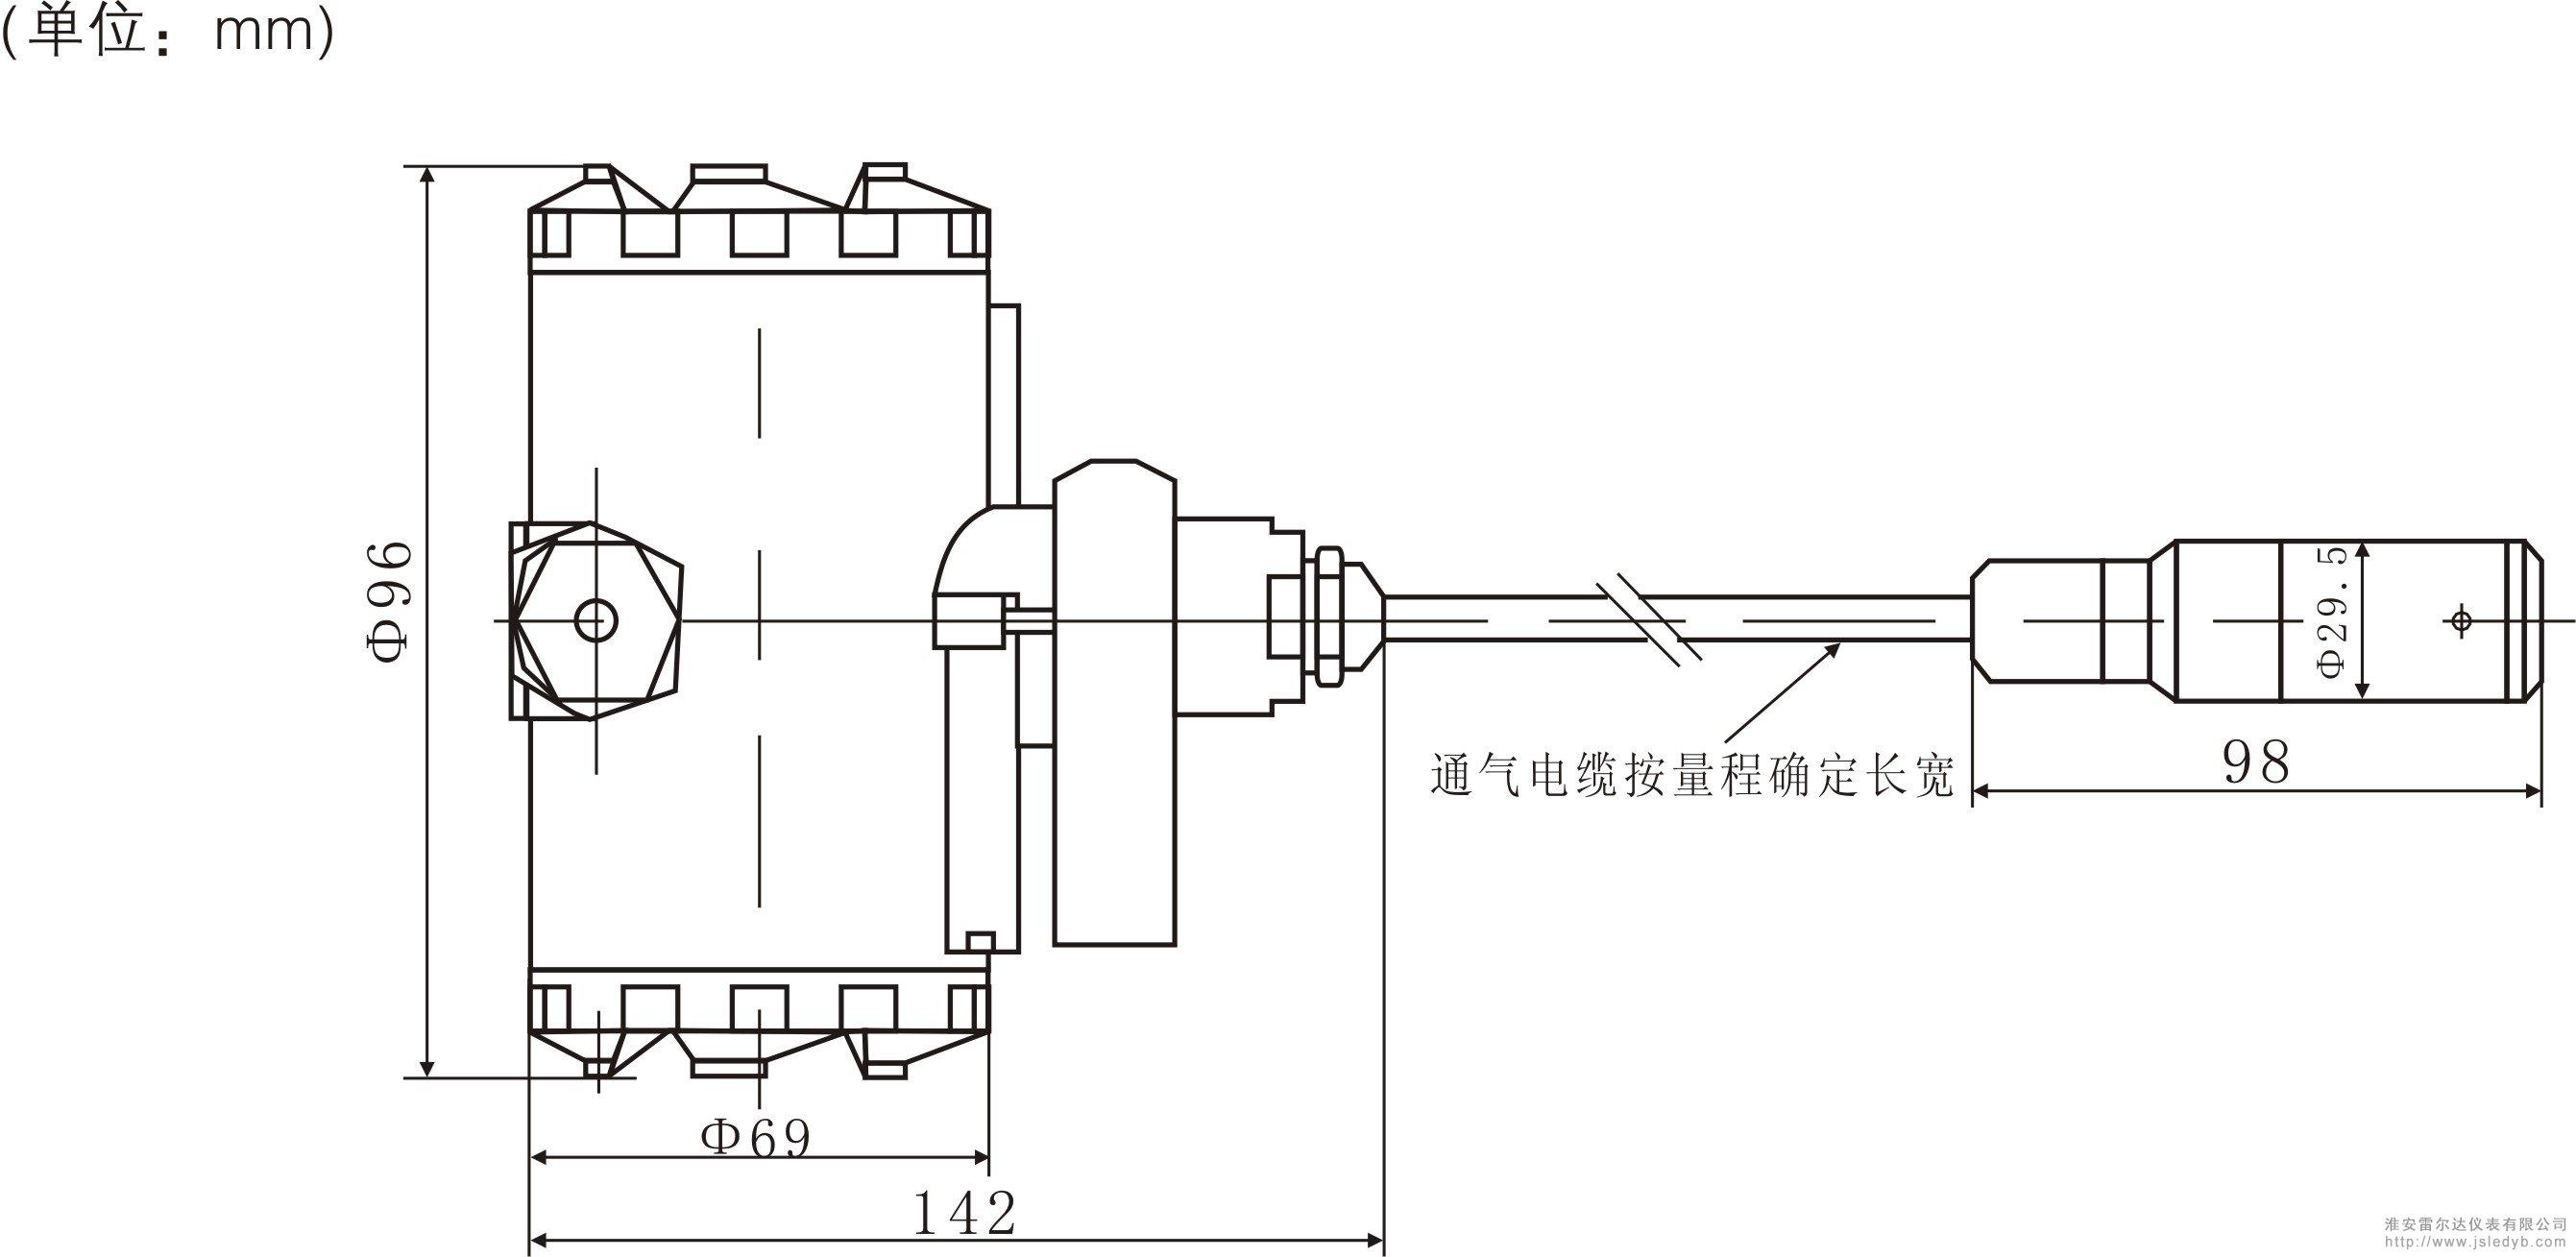 分体式液位变送器由全密封隔离膜充油液位传感器和仪表专用电路组成,产品采用独特的工艺密封机构形式,防浸漏性能好,可长期在液体中可靠工作。产品具有精度高、稳定性好、寿命长、安装方便等优点。 该变送器广泛用于水厂、炼油厂、化工厂、玻璃厂、污水处理厂、高楼供水系统、水库、河道、海洋等对供水池、配水池、水处理池、水井、水罐、水箱、油井、油罐、油池及对各种液体静态、动态液位的测量和控制。 分体式变送器的零点和量程的校验调整以及信号处理电路在液面以外的中继盒中实现。